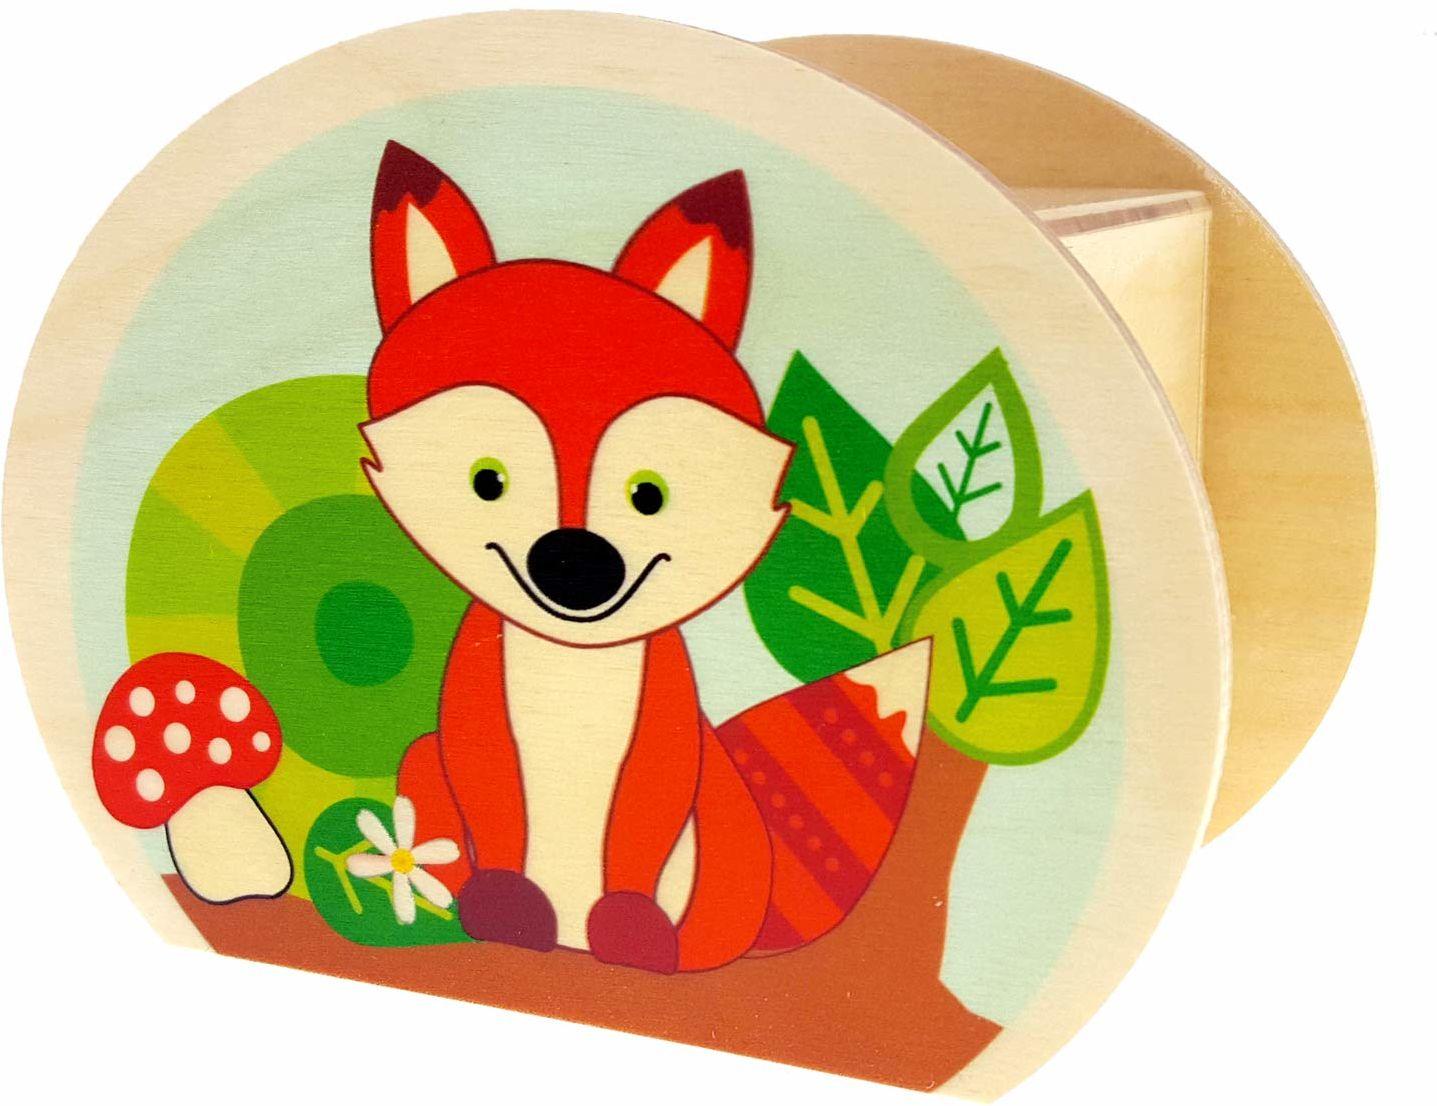 Hess drewniana zabawka 15216  skarbonka z drewna, z kluczami, zwierzętami leśnymi, sową, jeżem i lisem, prezent dla dzieci na urodziny, ok. 11,5 x 8,5 x 6,5 cm